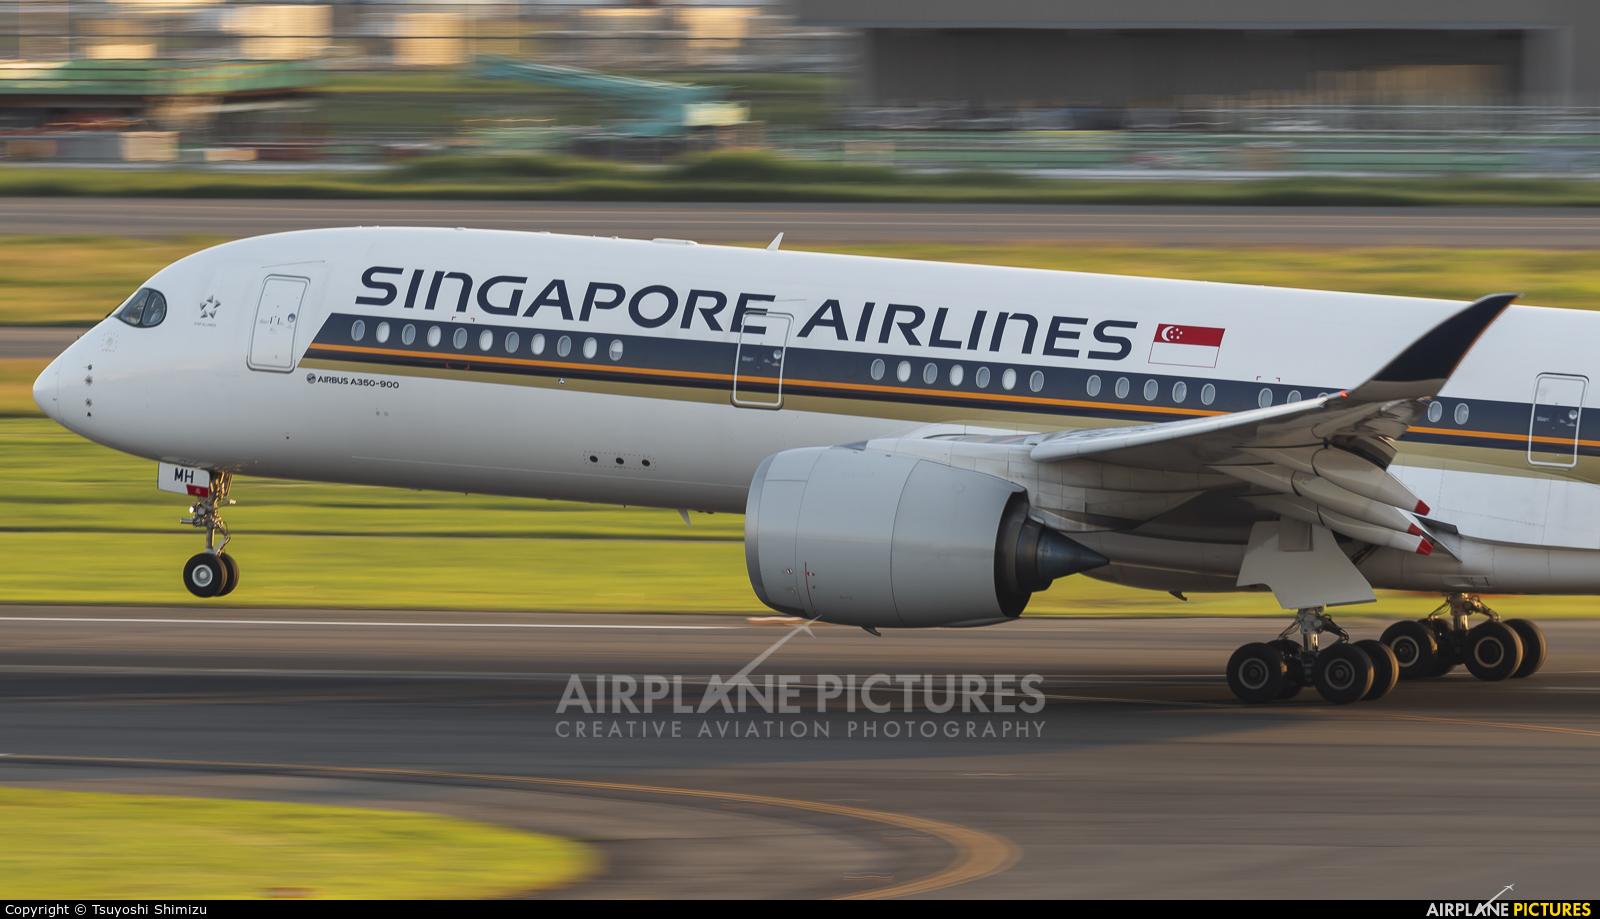 Singapore Airlines 9V-SMH aircraft at Tokyo - Haneda Intl